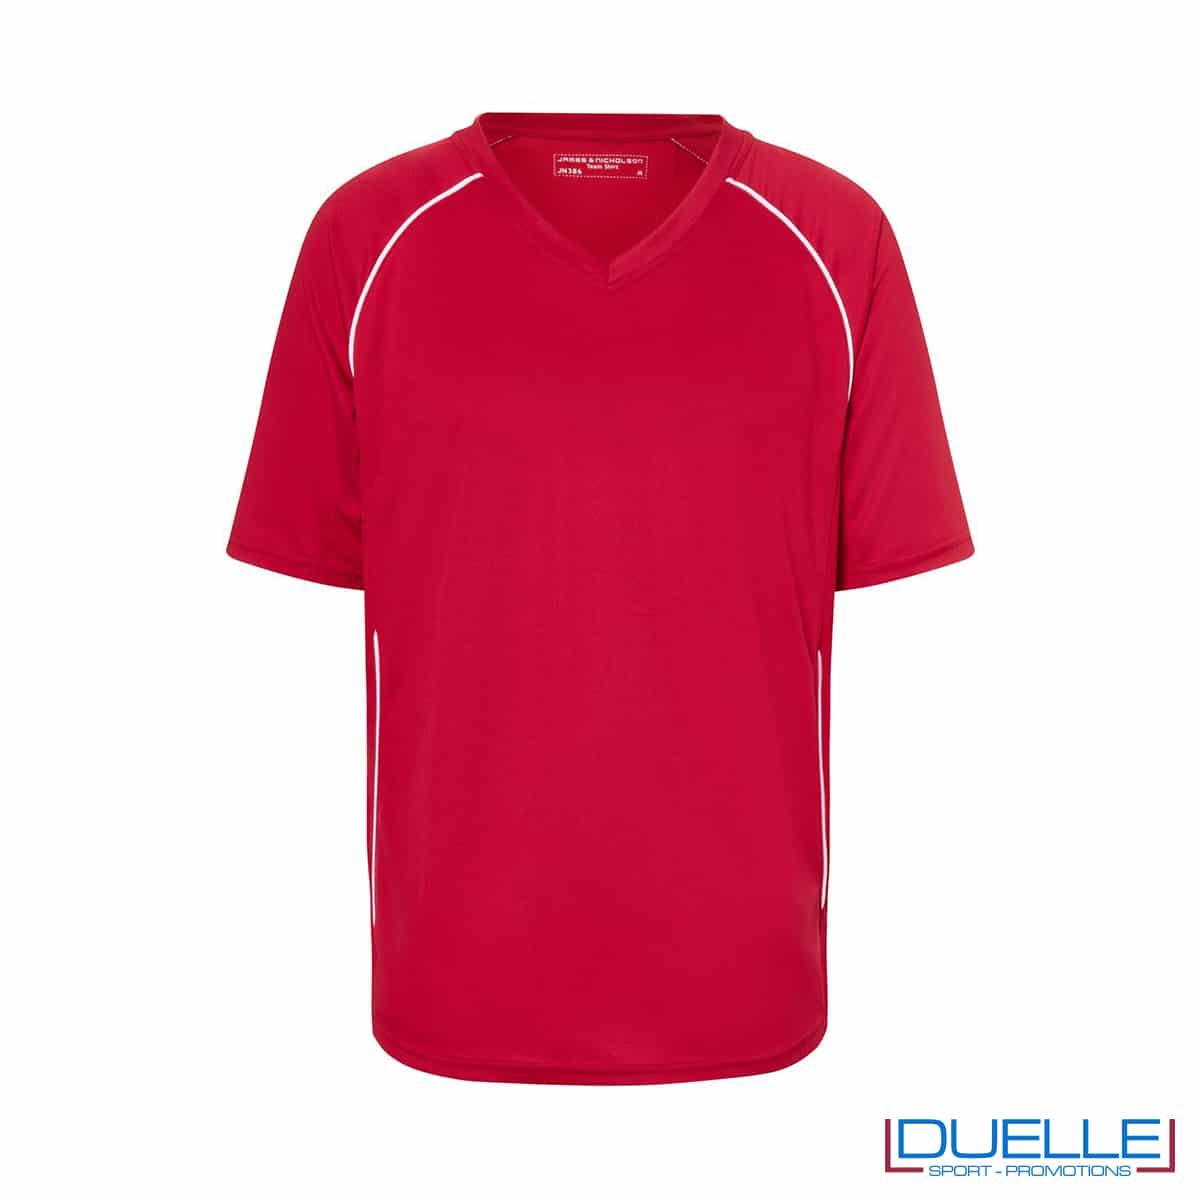 T-shirt calcio colore rosso personalizzabile